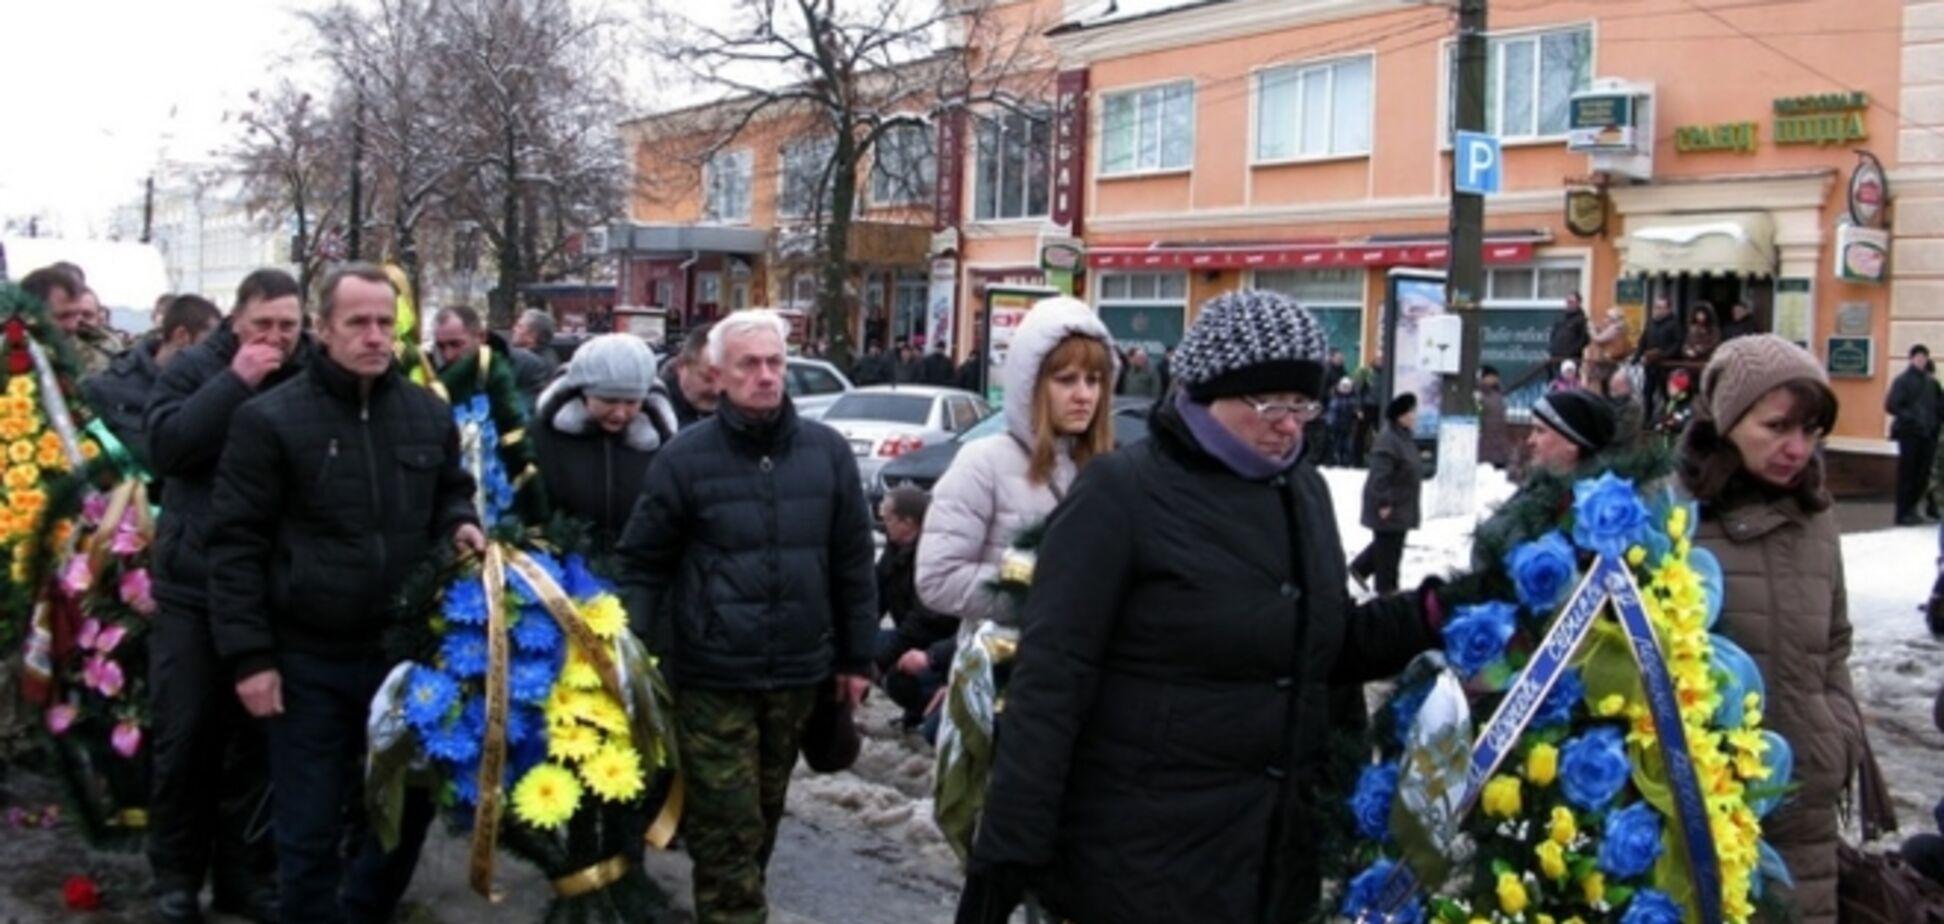 Полтавщина попрощалась с бойцом АТО, за голову которого обещали $450 тыс.: опубликованы фото и видео